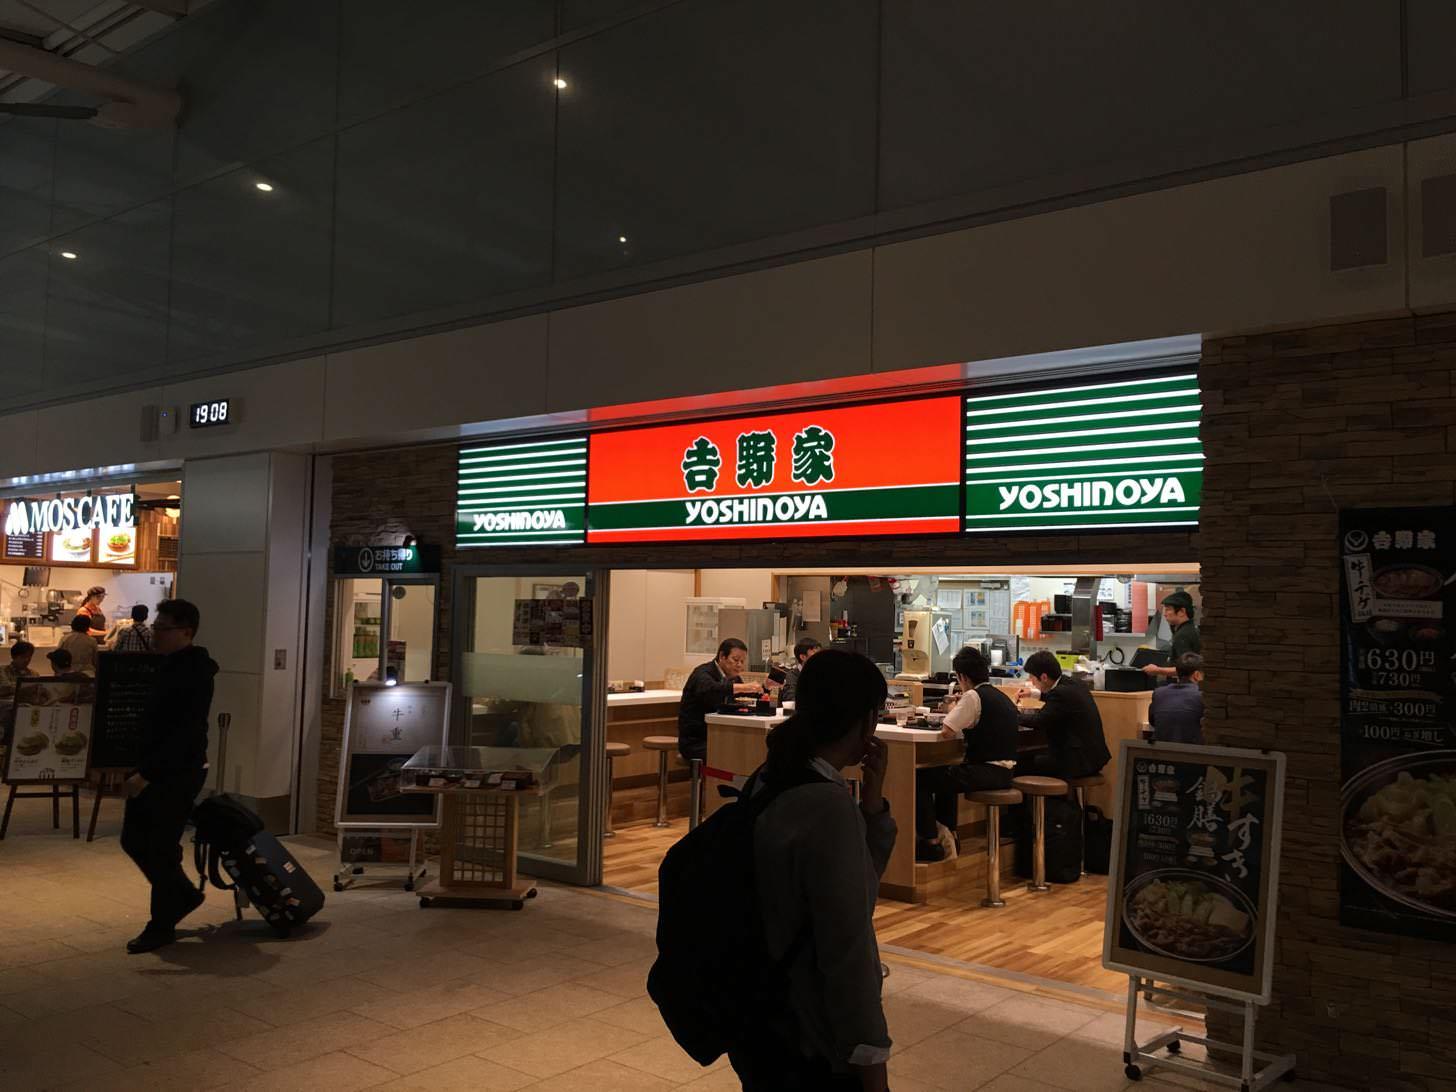 羽田空港の国際線ターミナルにある吉野家